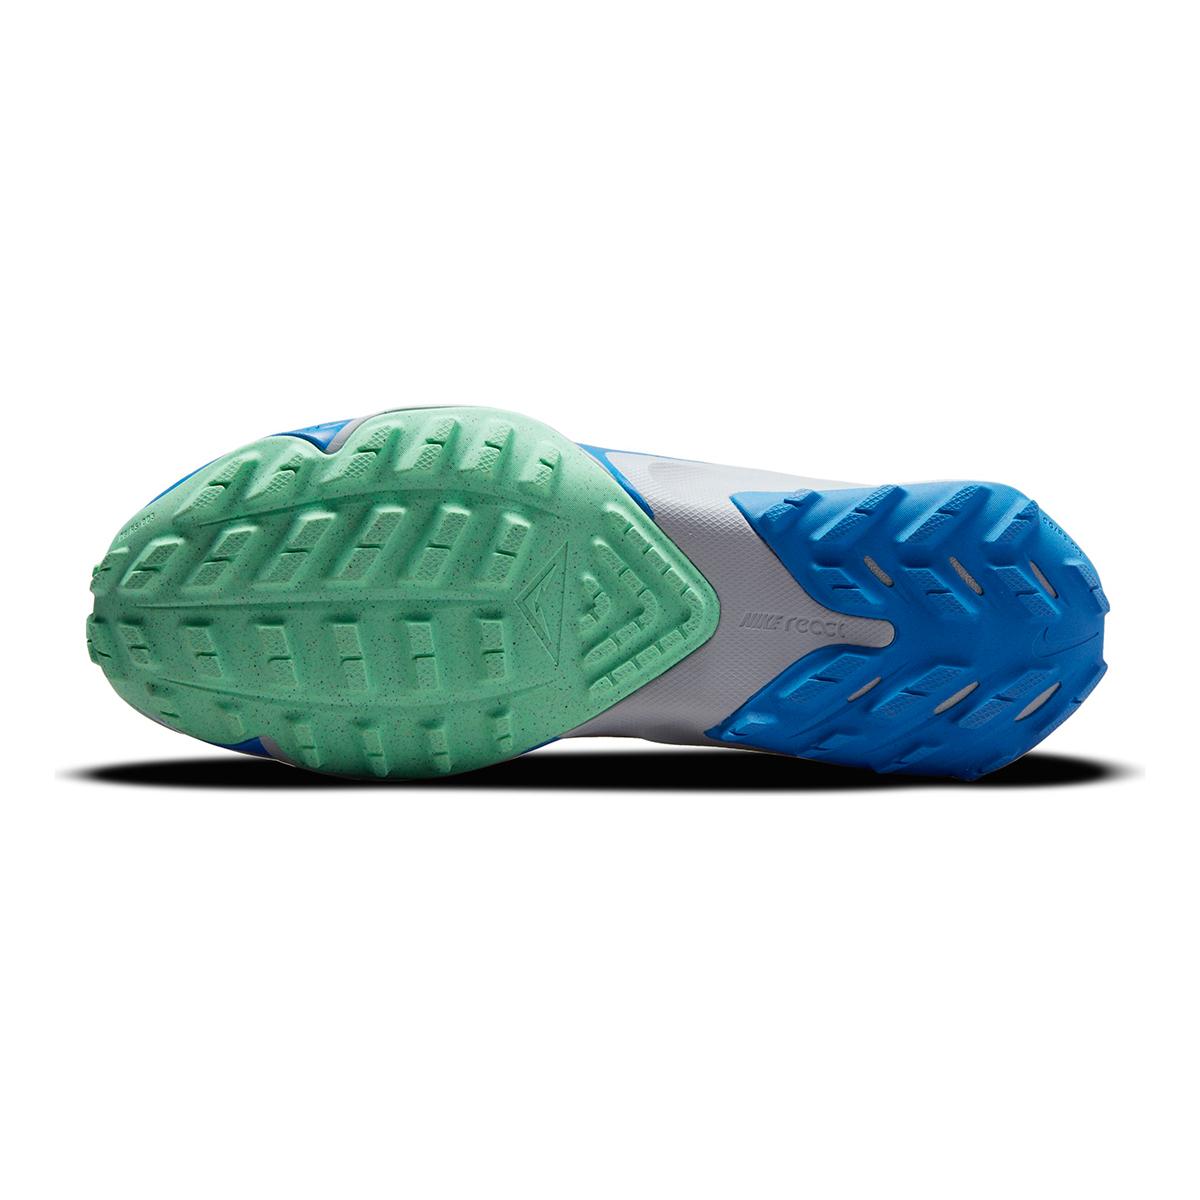 Men's Nike Air Zoom Terra Kiger 7 Trail Running Shoe - Color: Total Orange/Obsidian/Signal Blue - Size: 6 - Width: Regular, Total Orange/Obsidian/Signal Blue, large, image 6